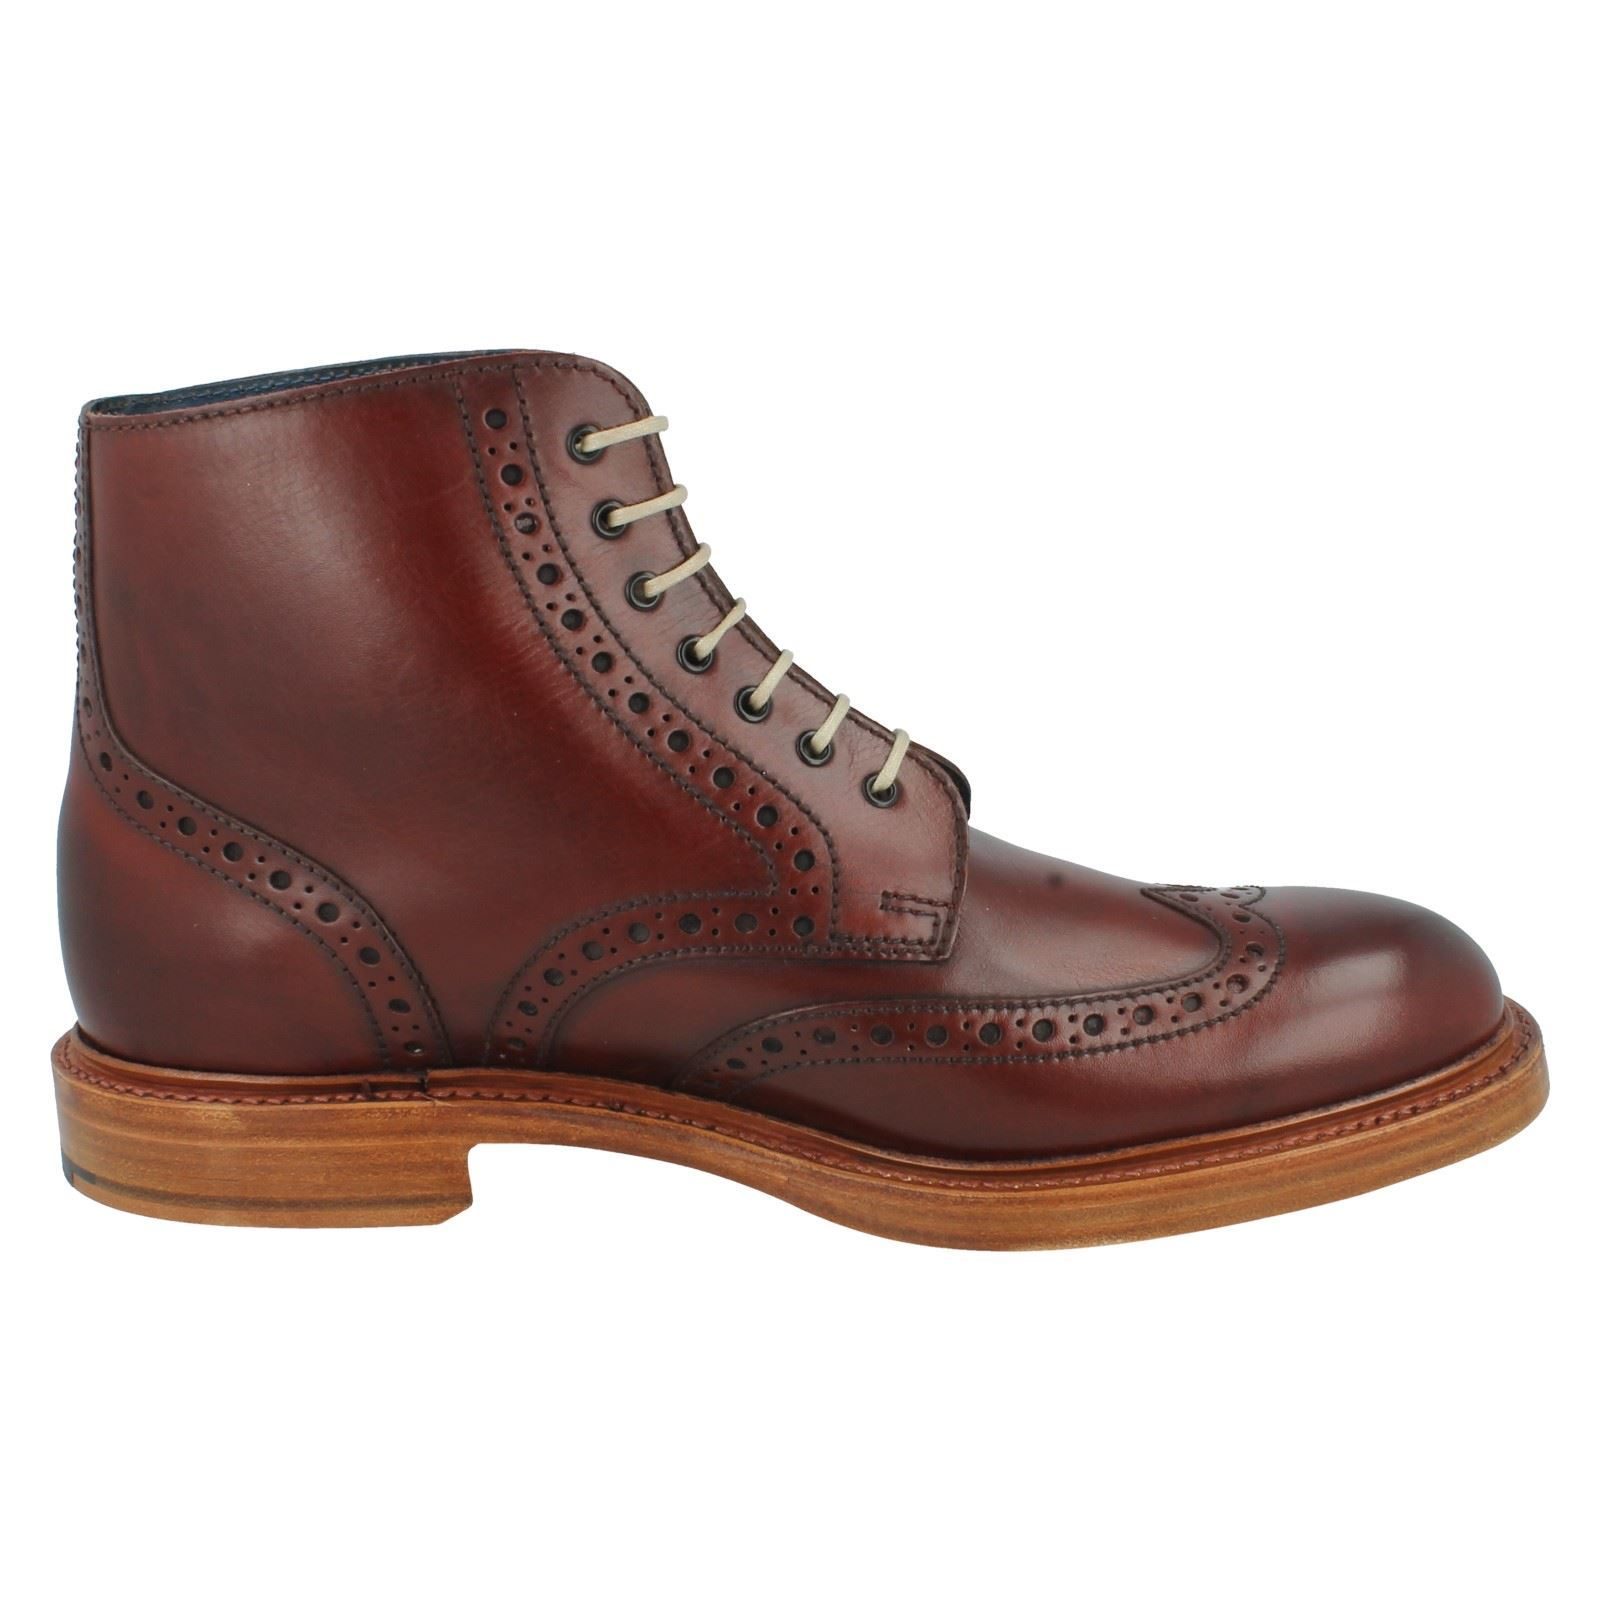 Mens Barker Formal Formal Formal Ankle Stiefel Butcher  f3a417